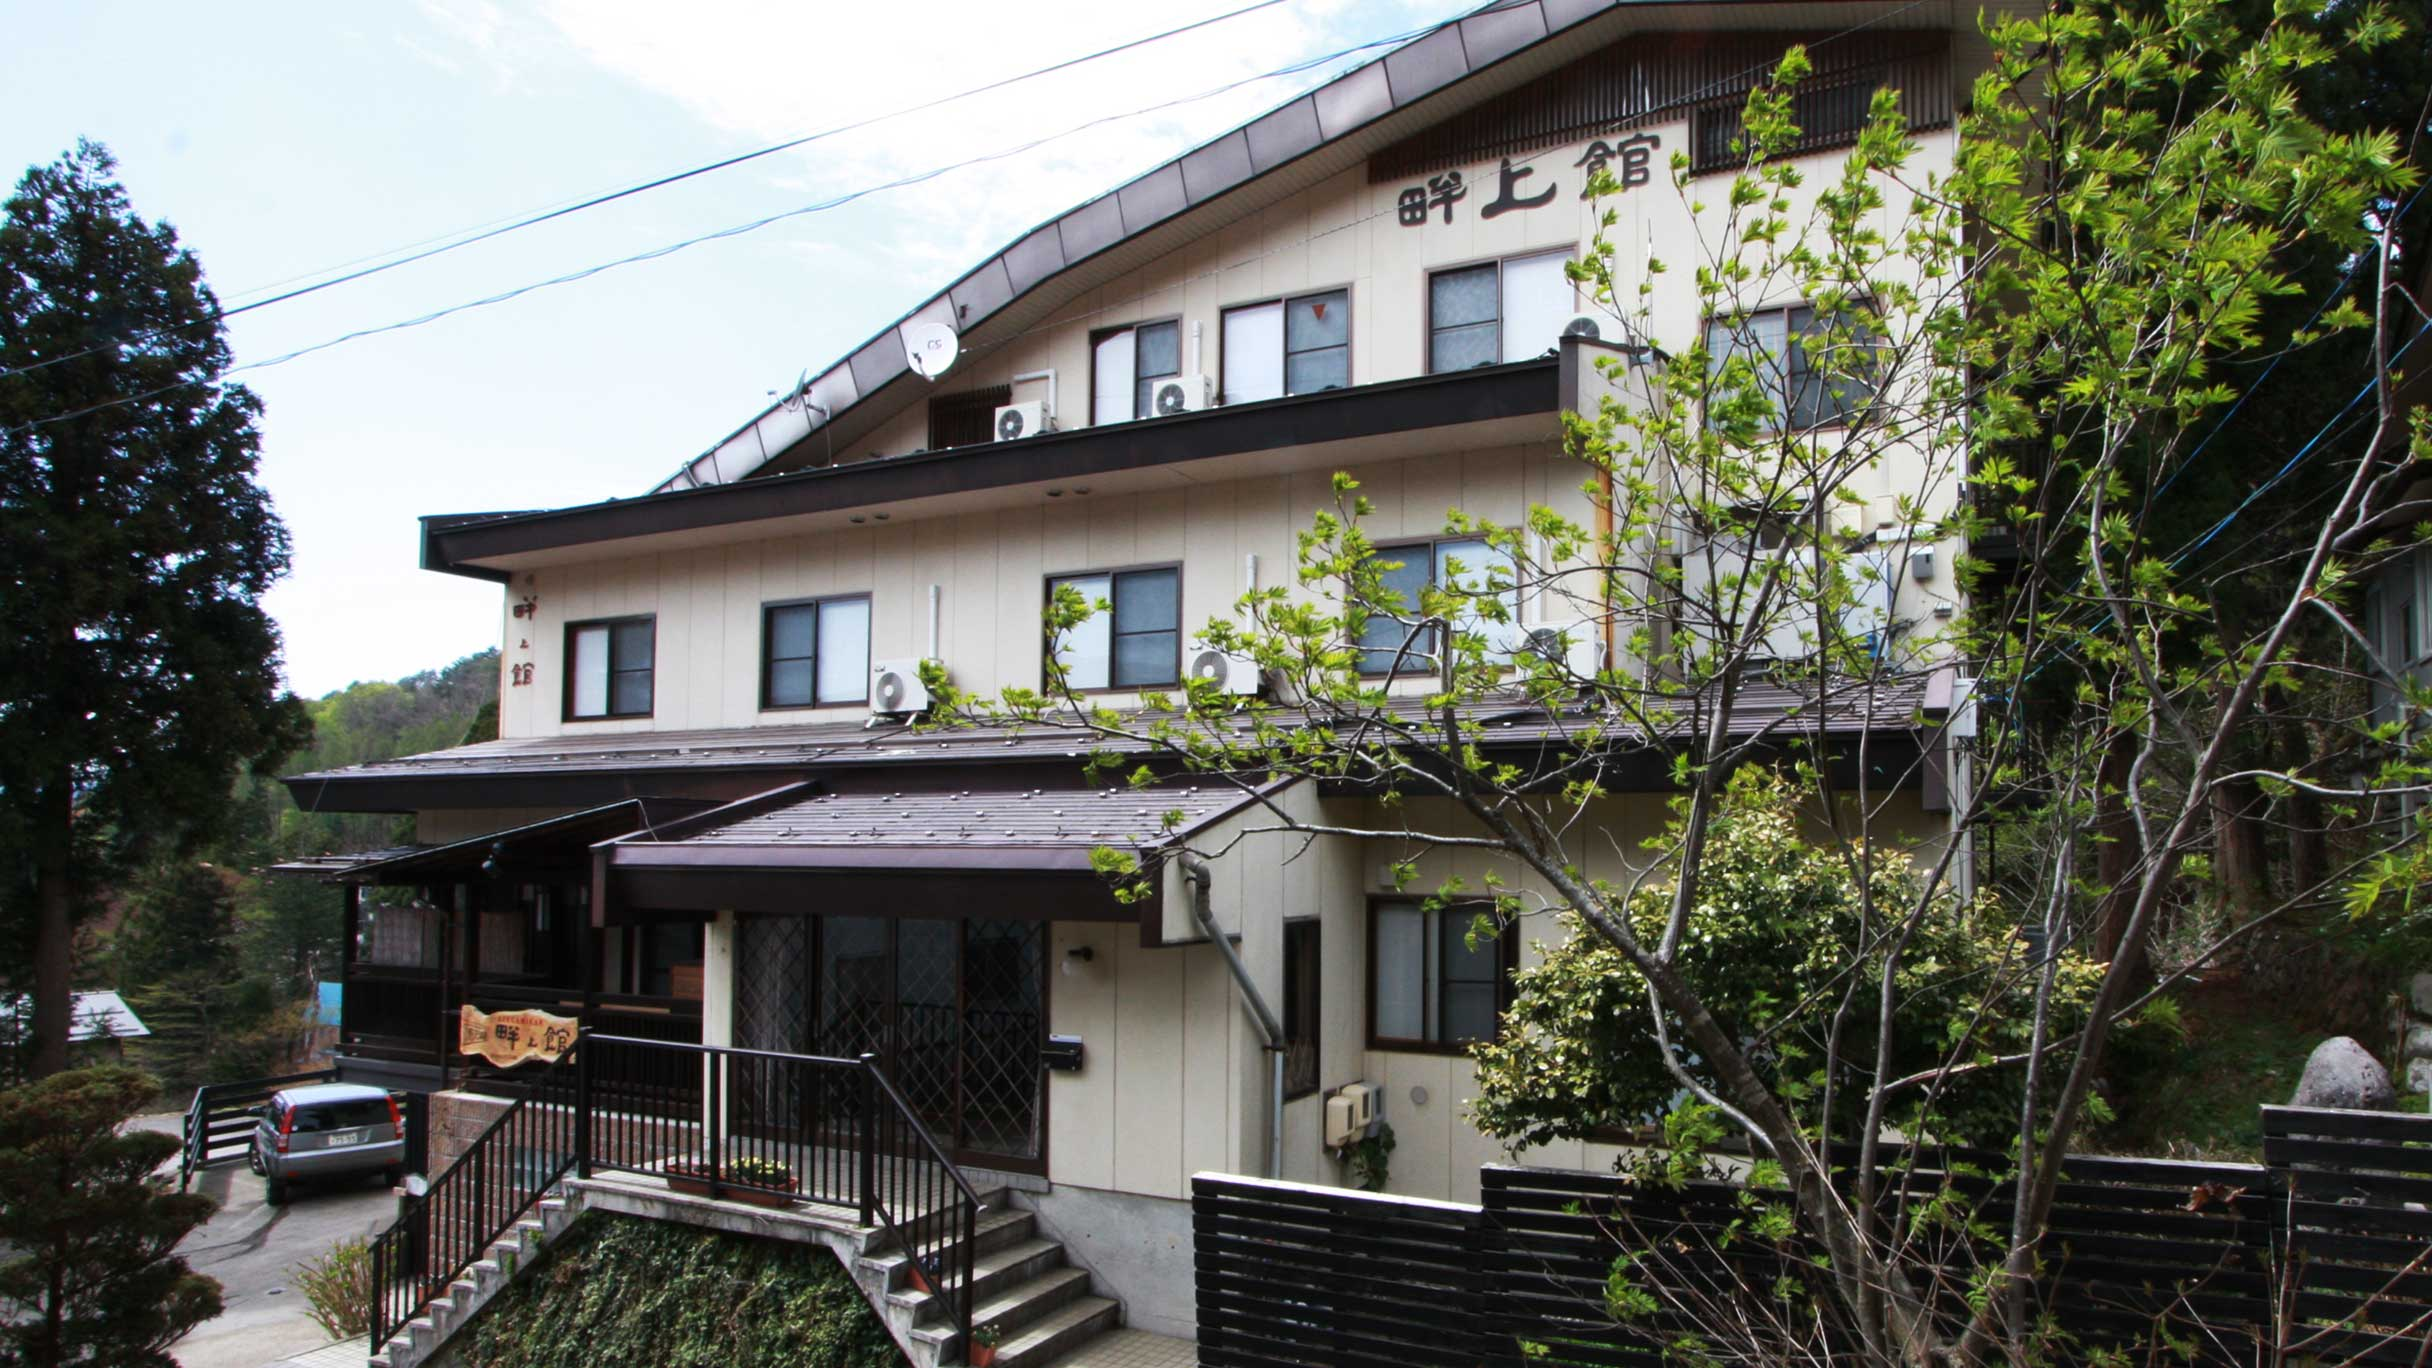 野沢温泉村の小さな料理民宿 畔上館